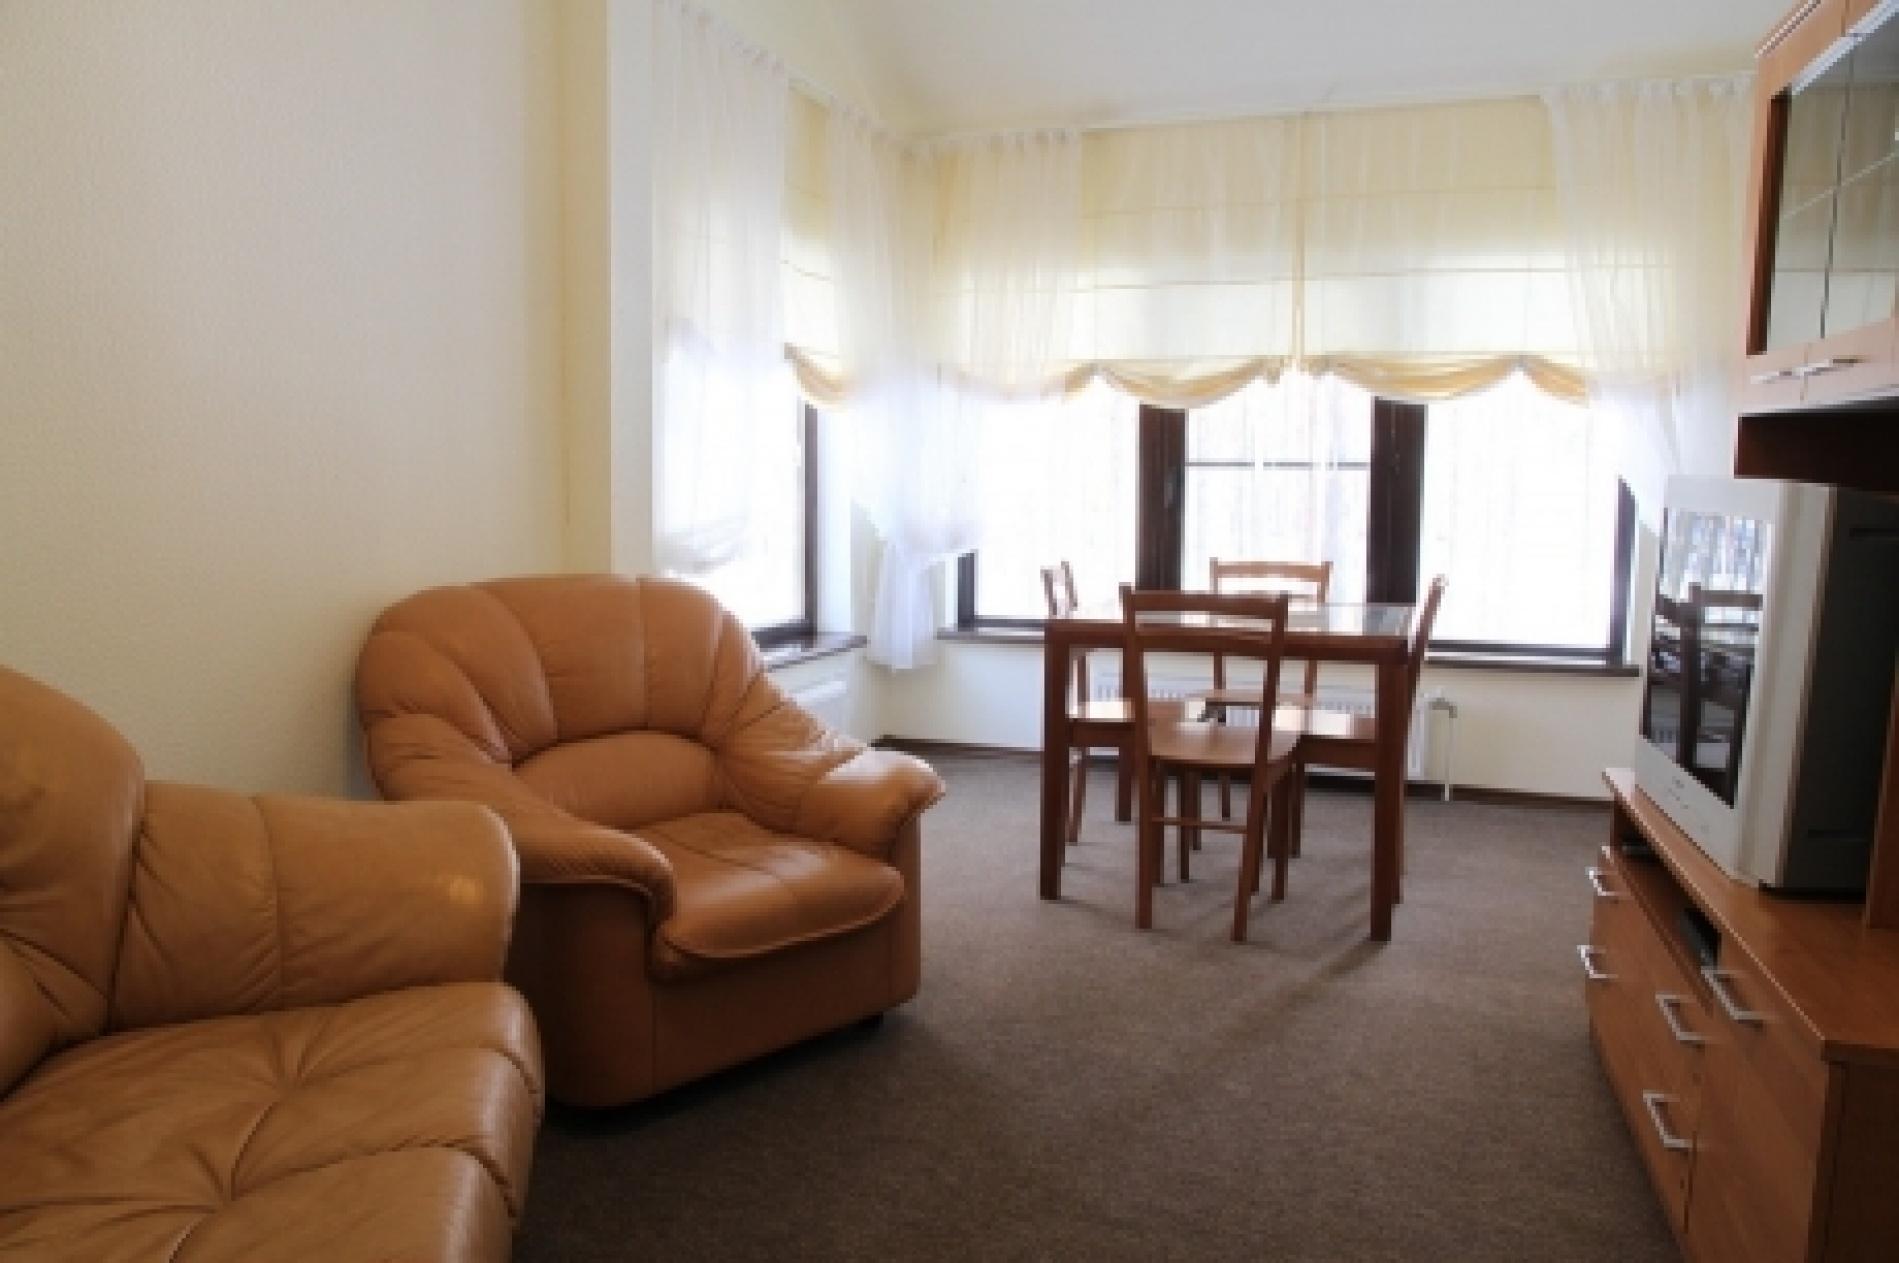 Загородный отель «Плесков» Псковская область Апартаменты № 2, фото 2